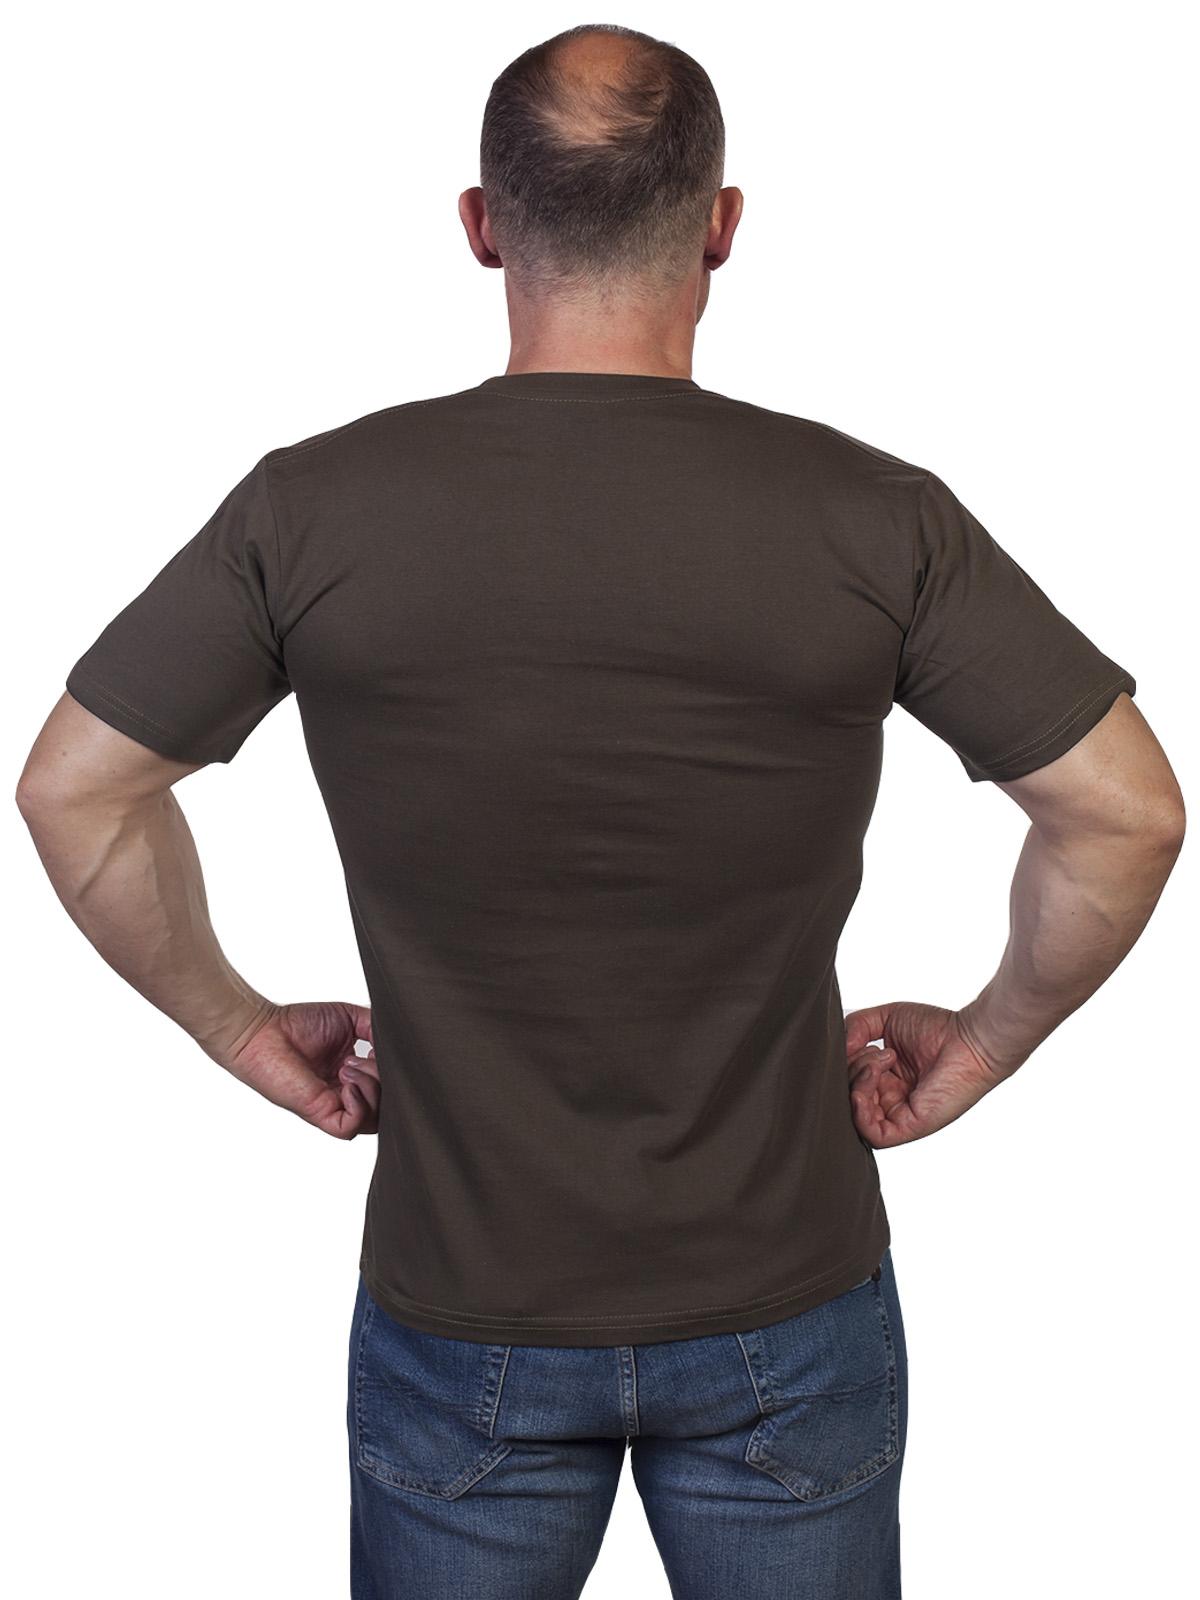 Мужская оливковая футболка с принтом ВДВ ГРУ